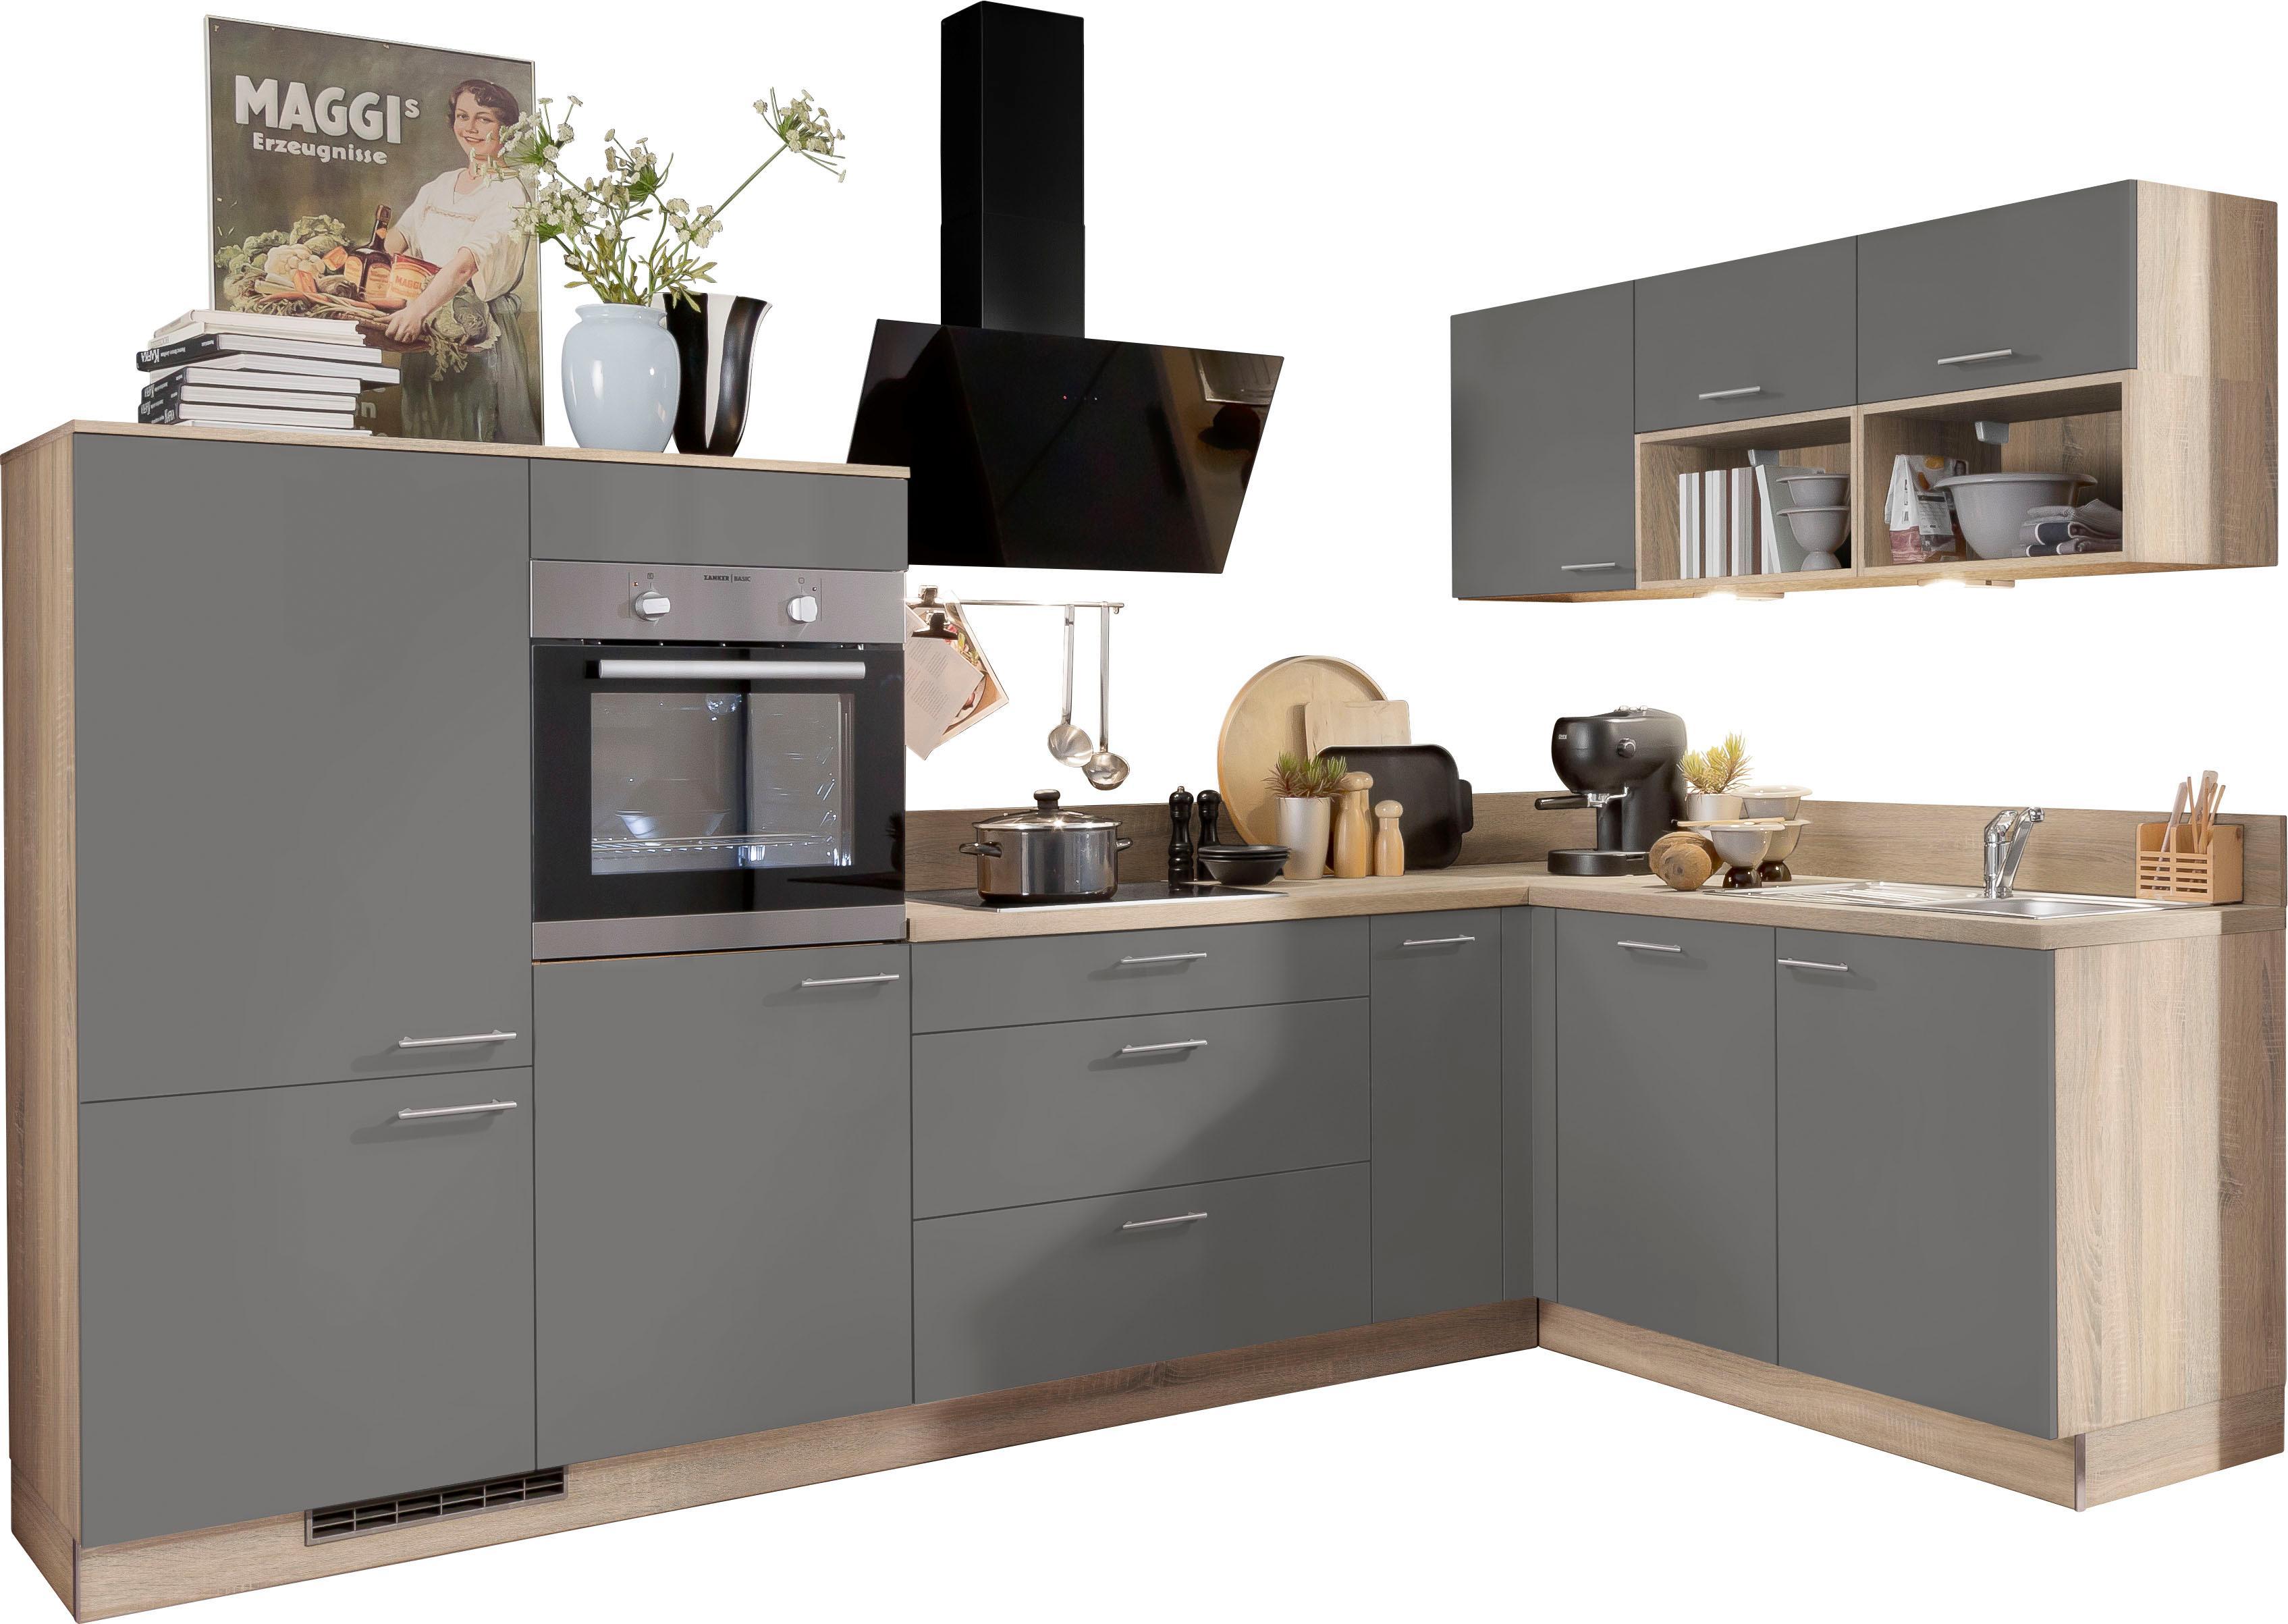 Express Küchen Winkelküche Scafa mit E-Geräten Stellbreite 305 x 185 cm